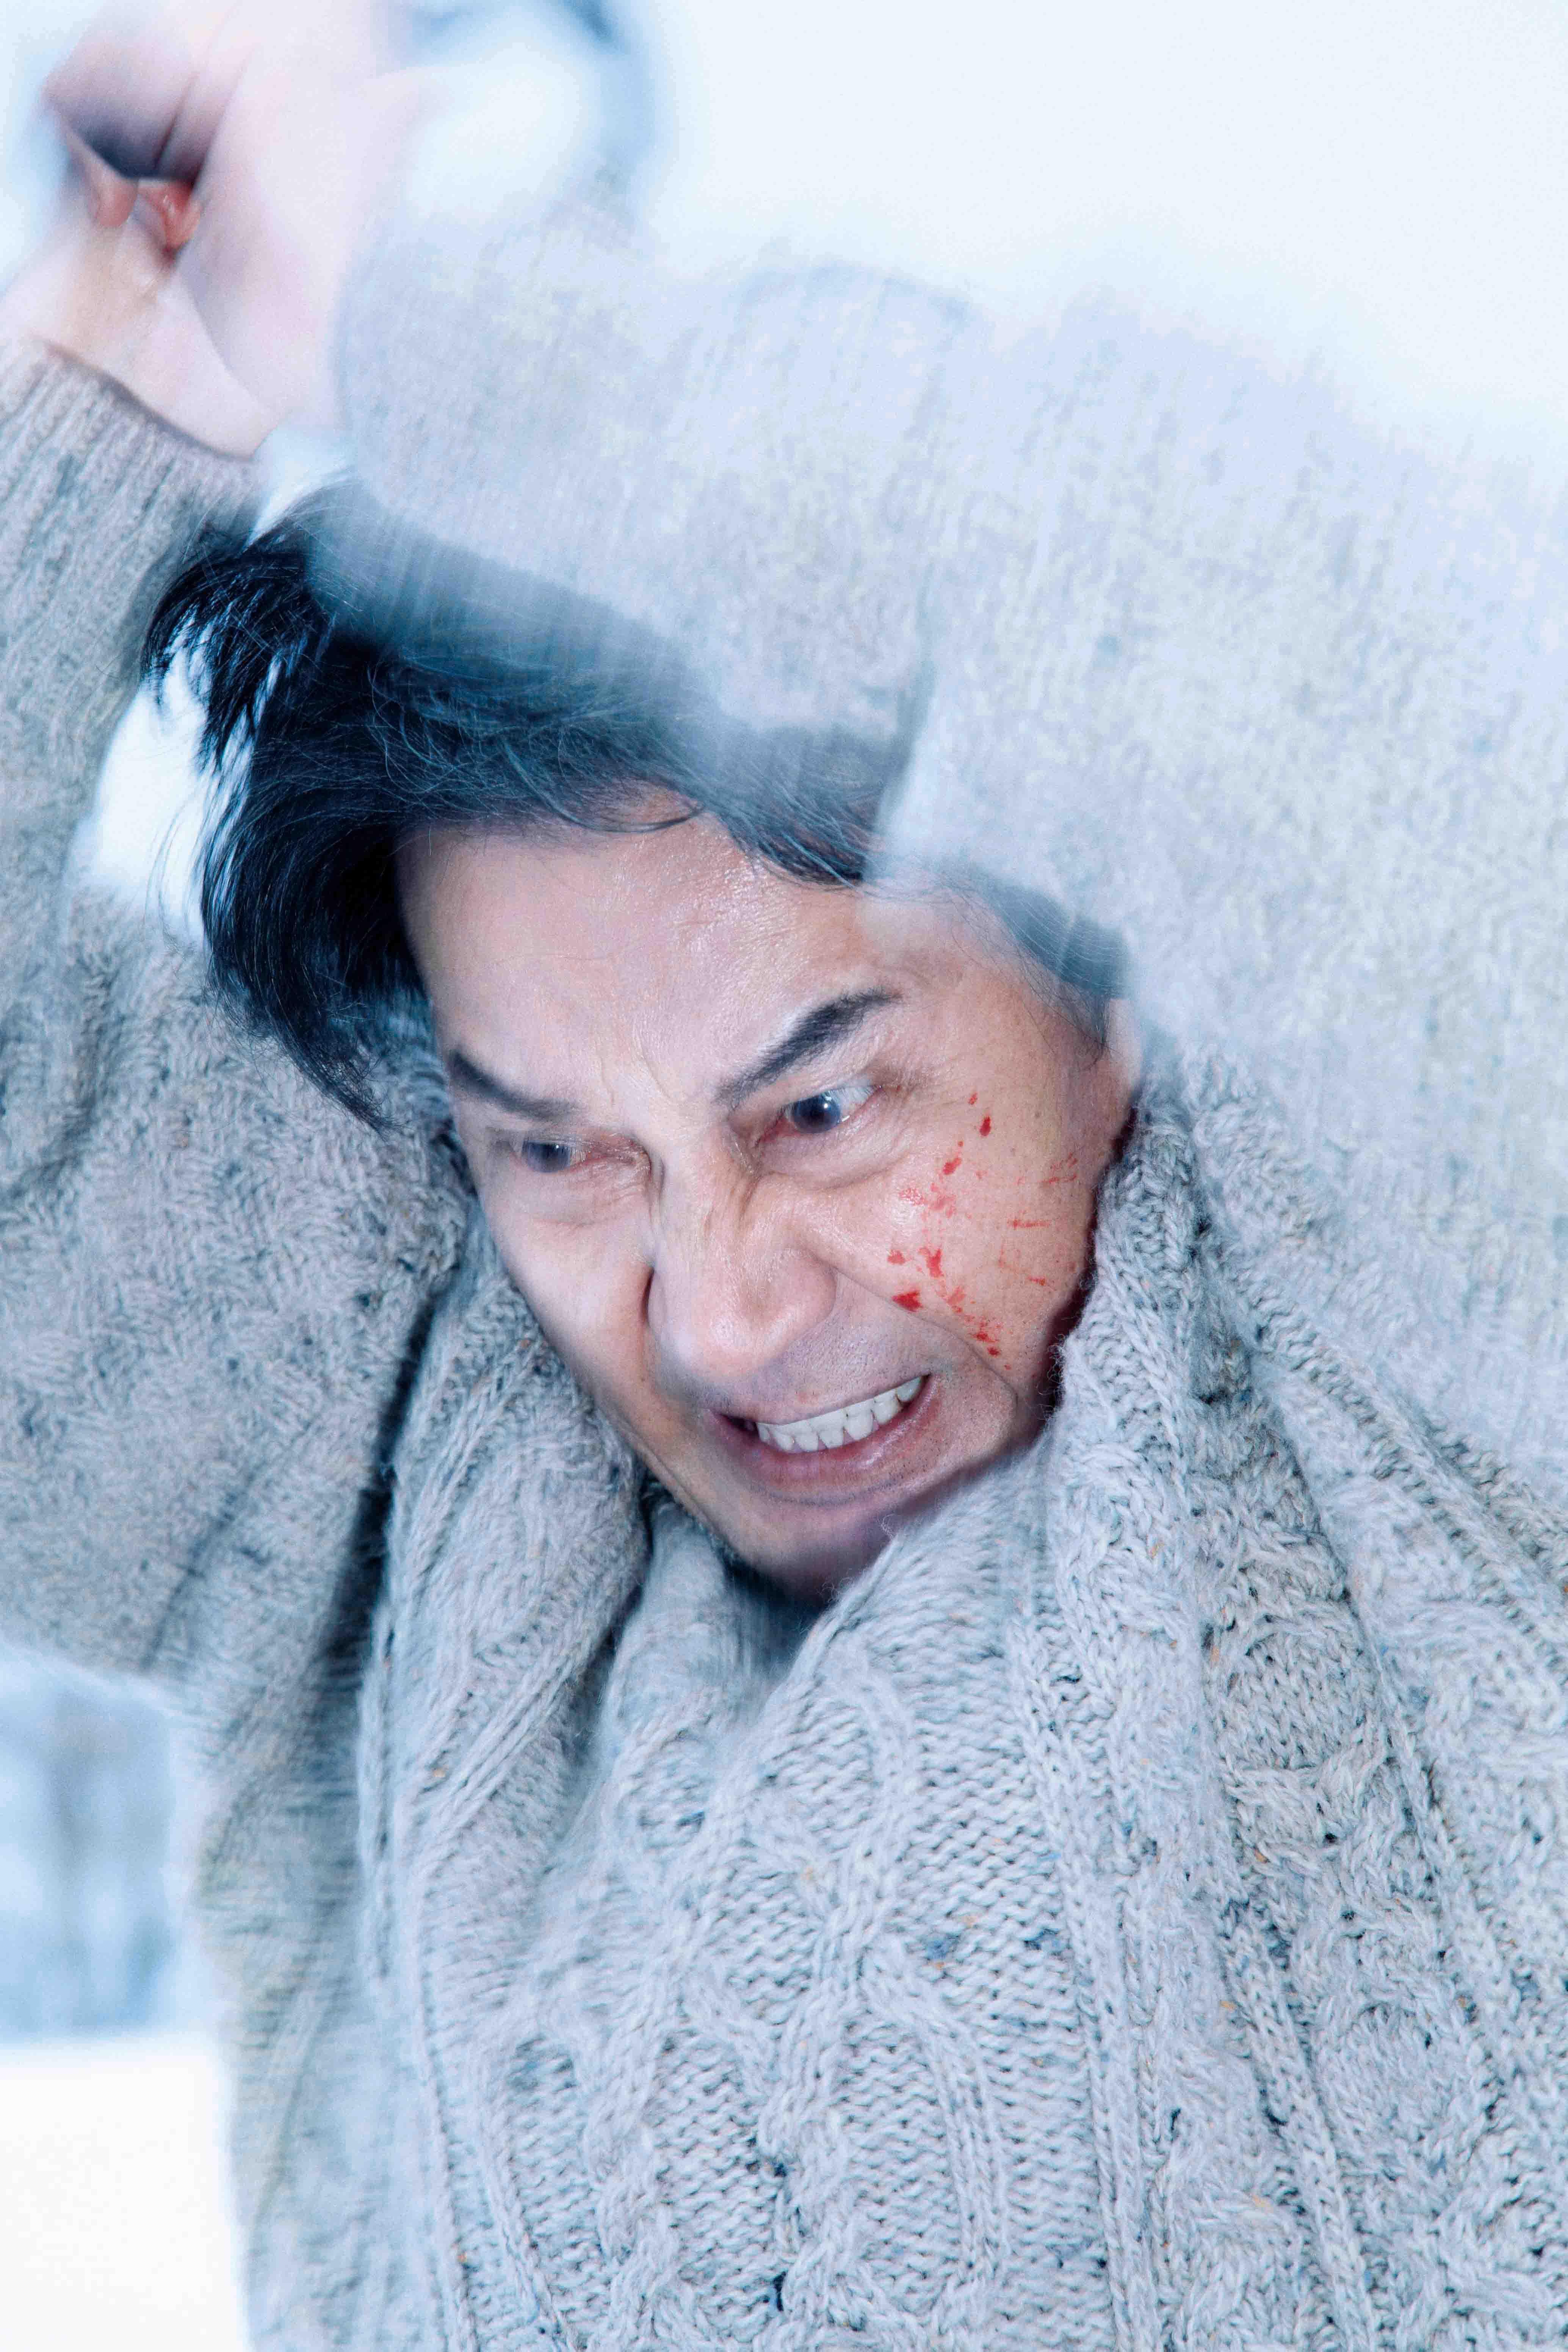 日本悬疑电影《第三度嫌疑人》用自己的死保护了那仅有的一丝人性 (7)